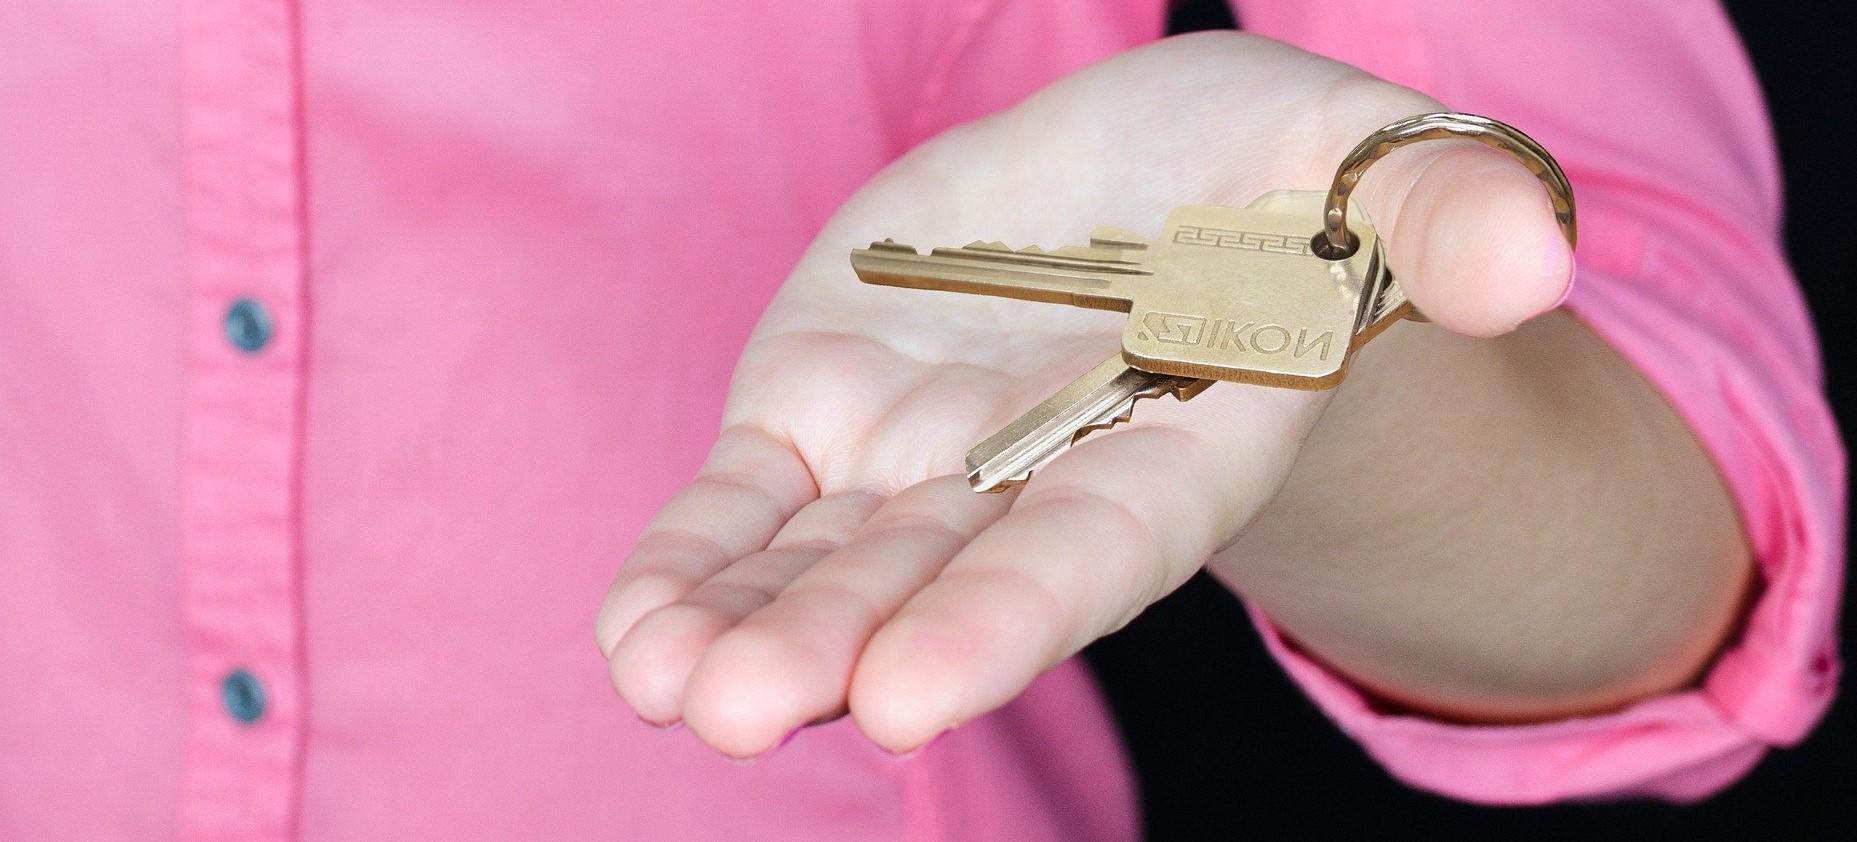 keys-5238834_1920s